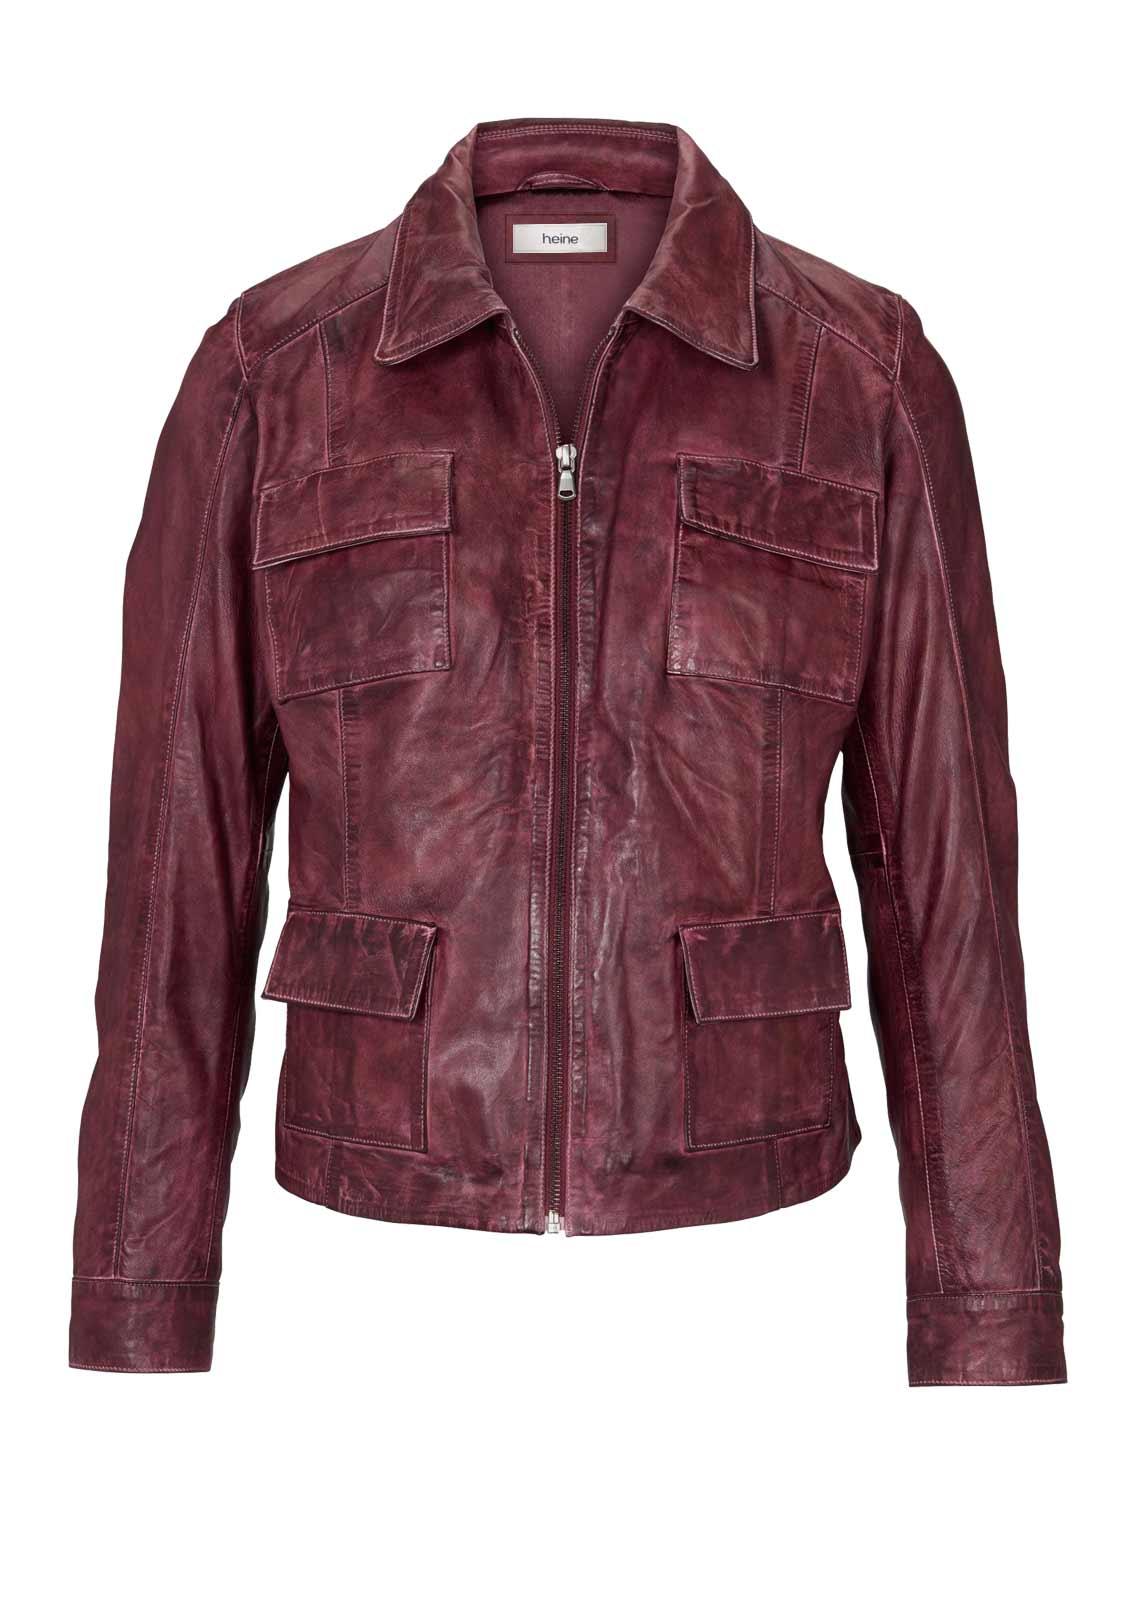 jacken auf rechnung bestellen als neukunde HEINE Damen Designer-Lammnappalederjacke Bordeaux 267.378 MISSFORTY